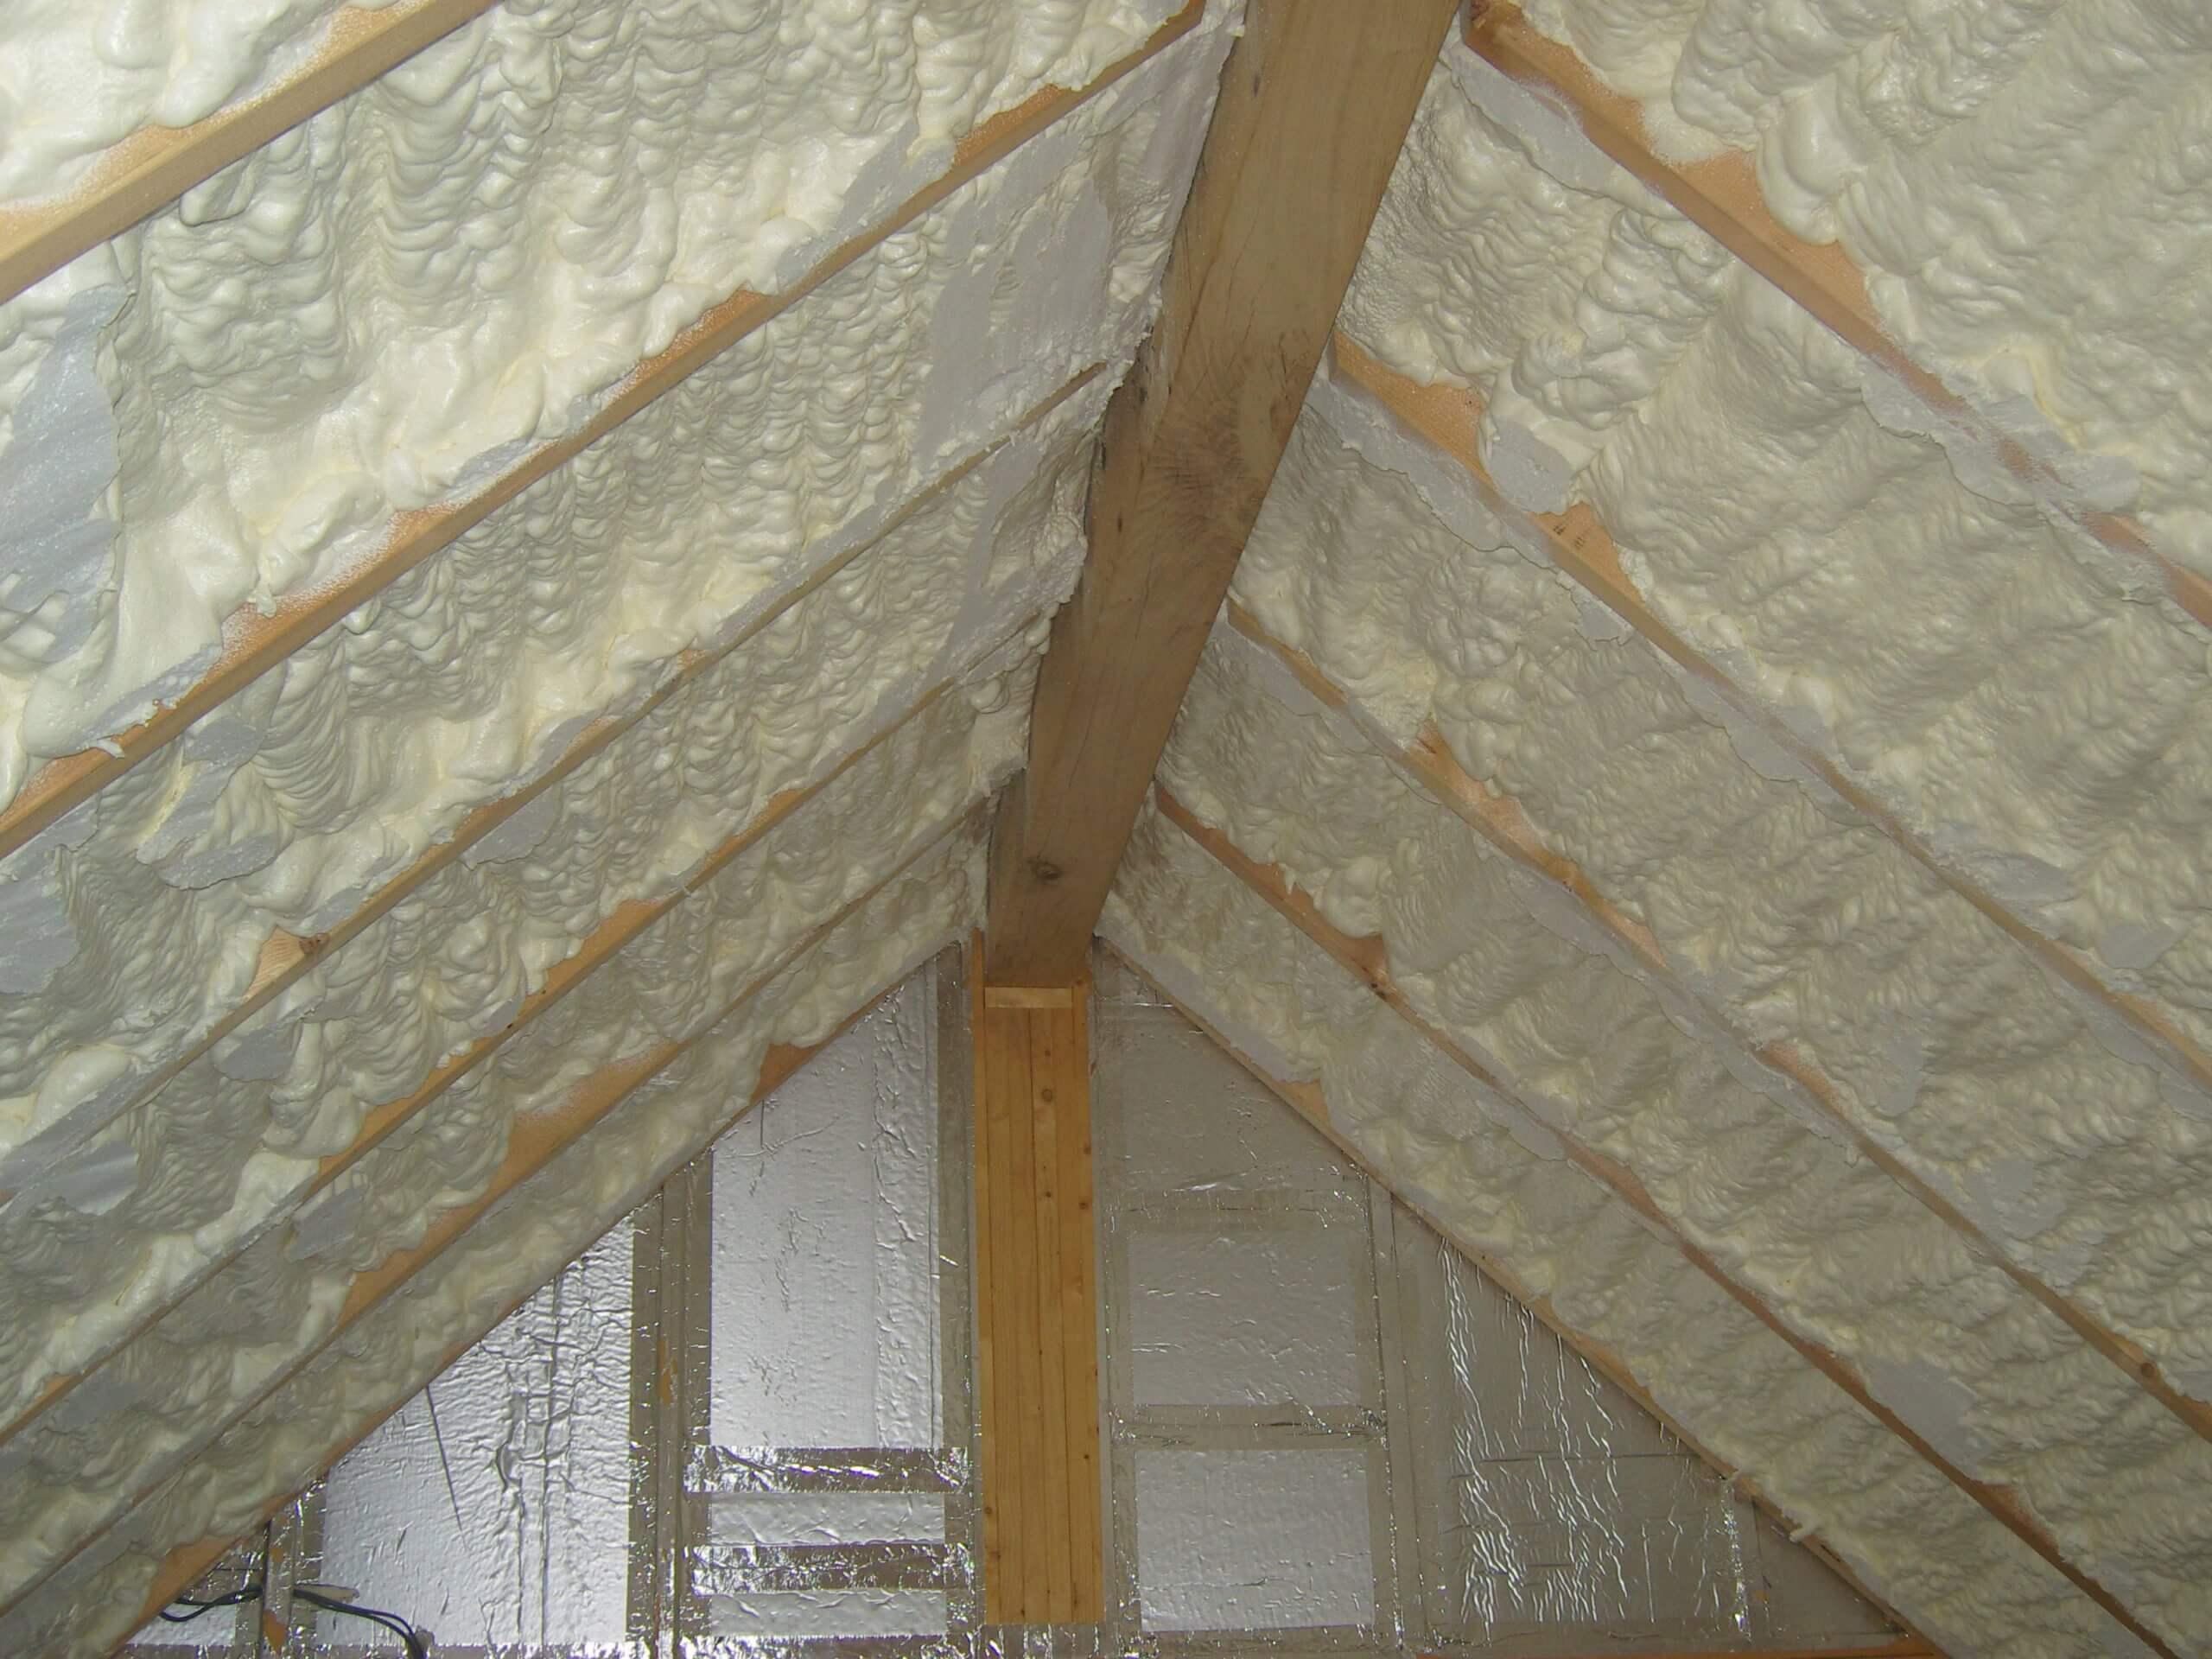 Теплоизоляция для крыши: как спастись не только от теплопотерь, но и от и избытка тепла